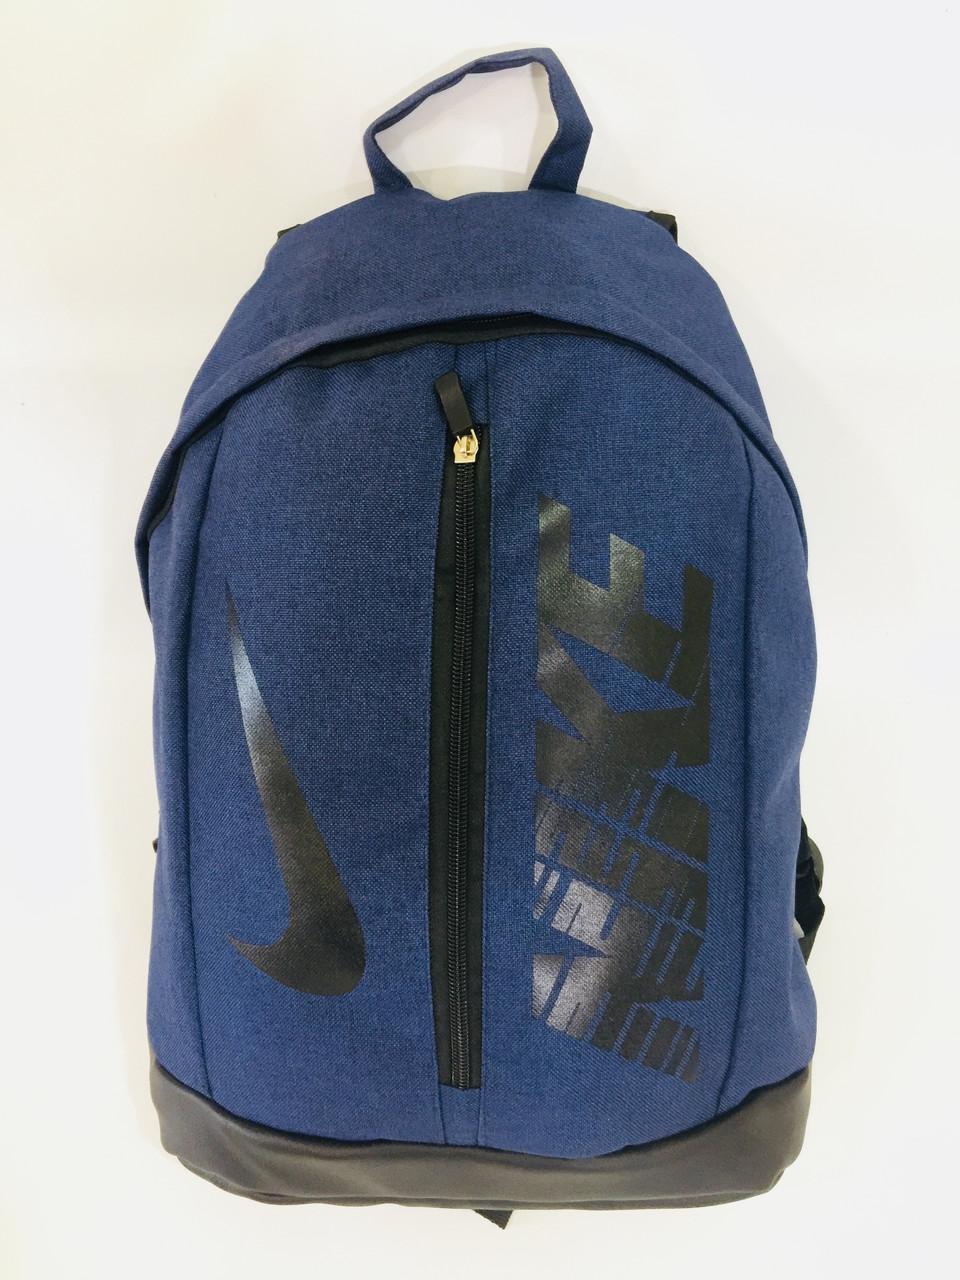 Рюкзак спортивньій R - 83 - 110 Nike